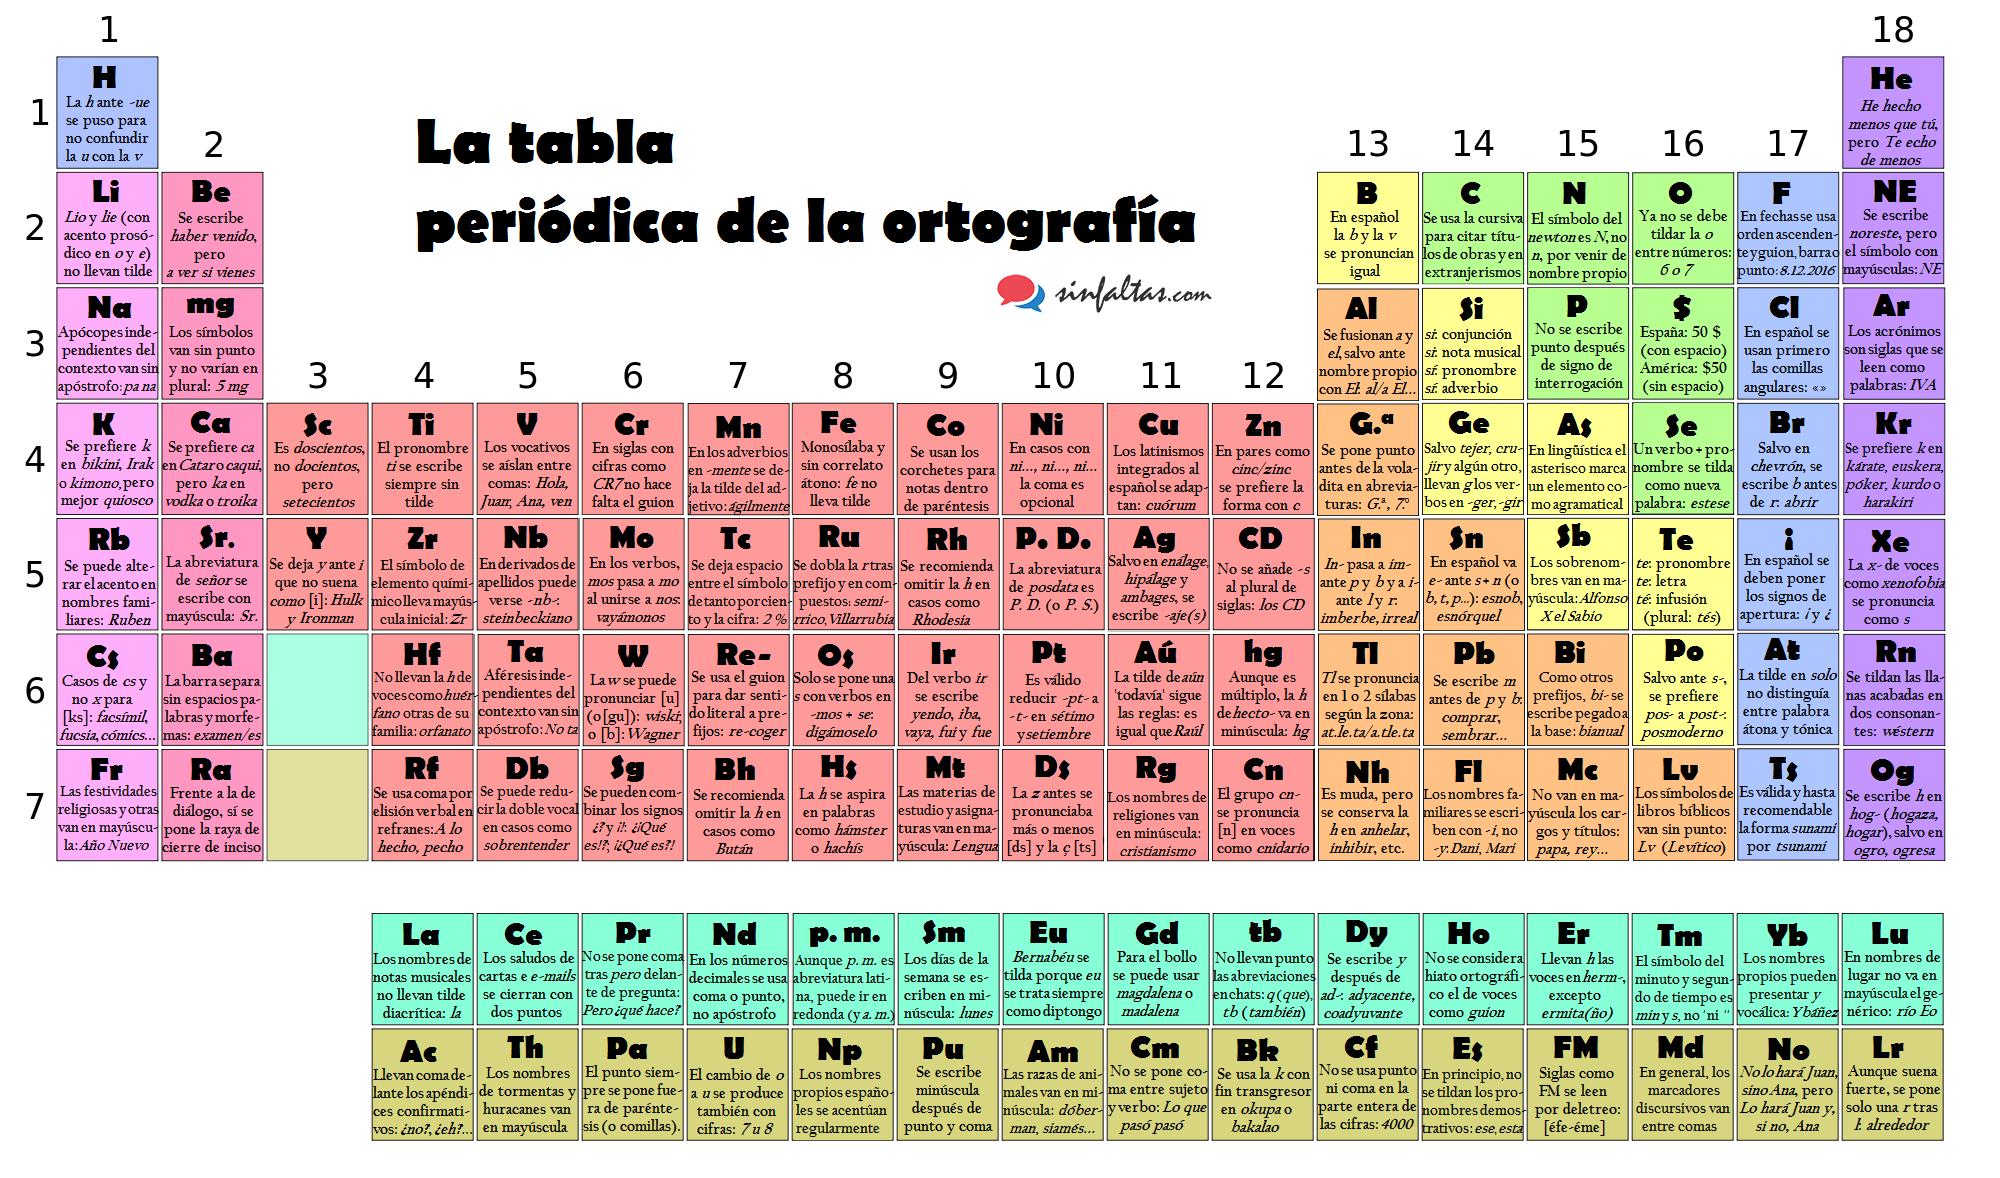 la tabla peridica de la ortografa - Tabla Periodica De Los Elementos Para Que Sirve